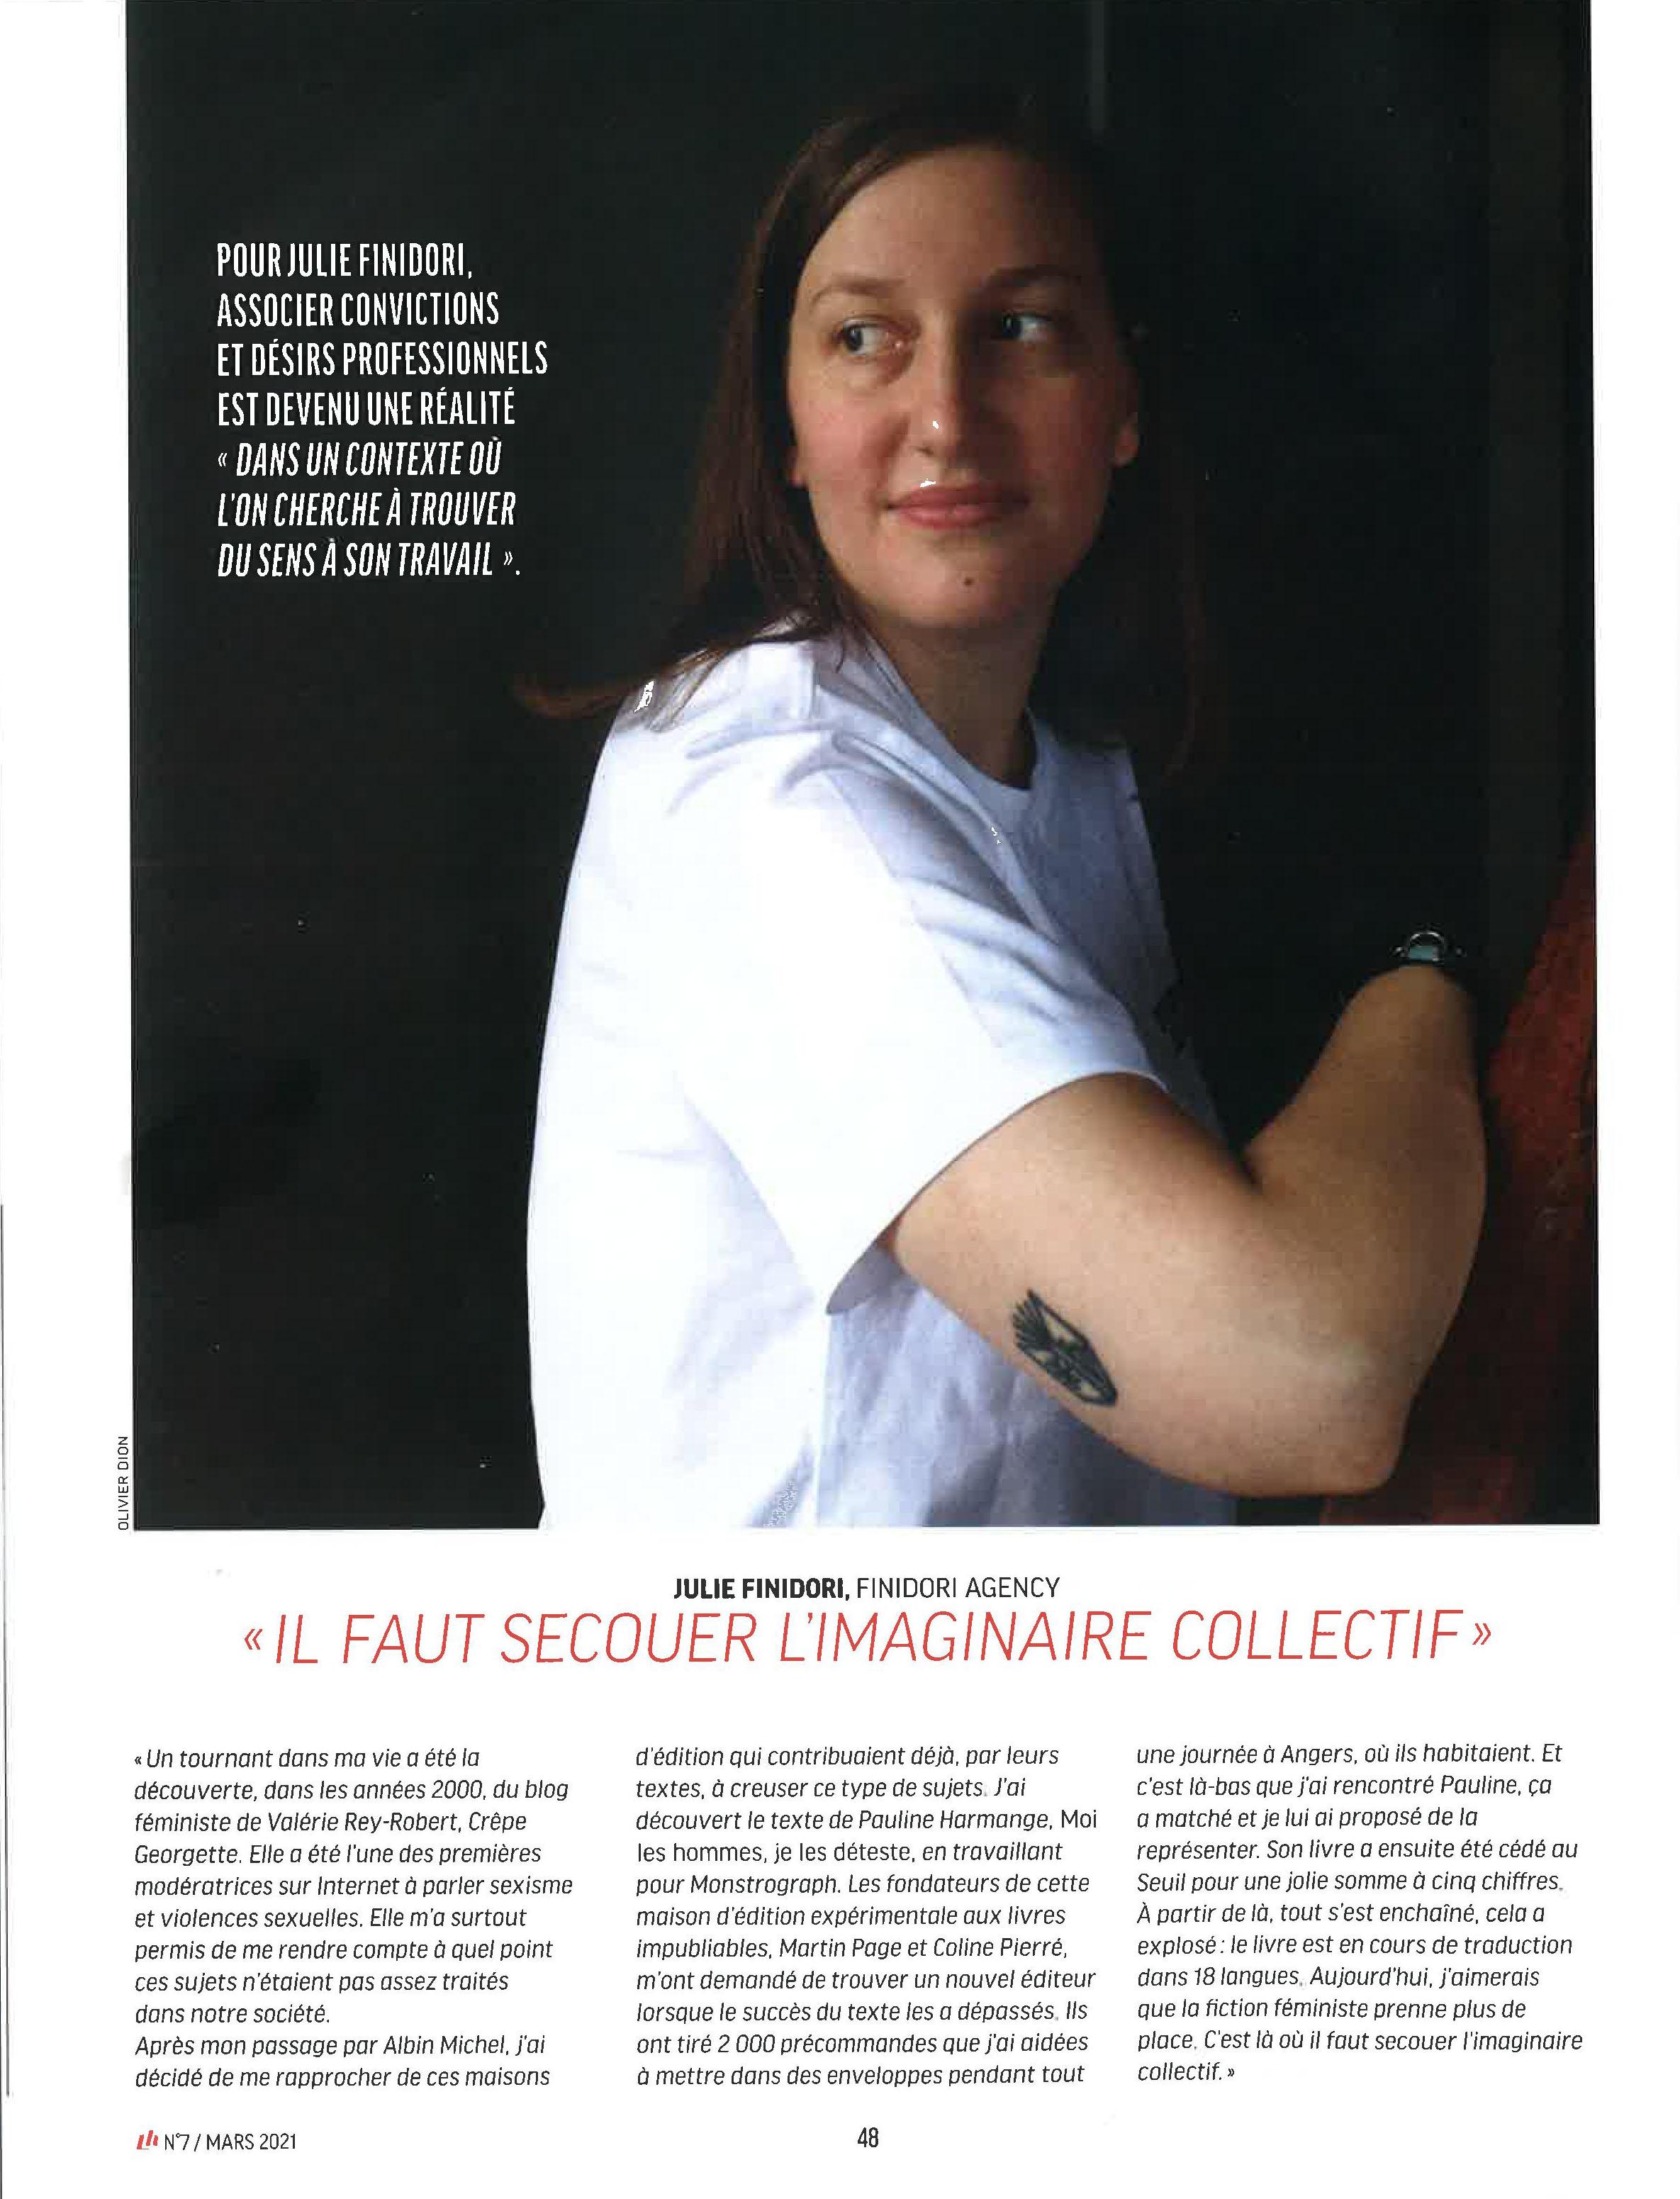 """Julie Finidori dans l'article """"Les agentes secrètes du féminisme"""" du Livres Hebdo de mars 2021."""